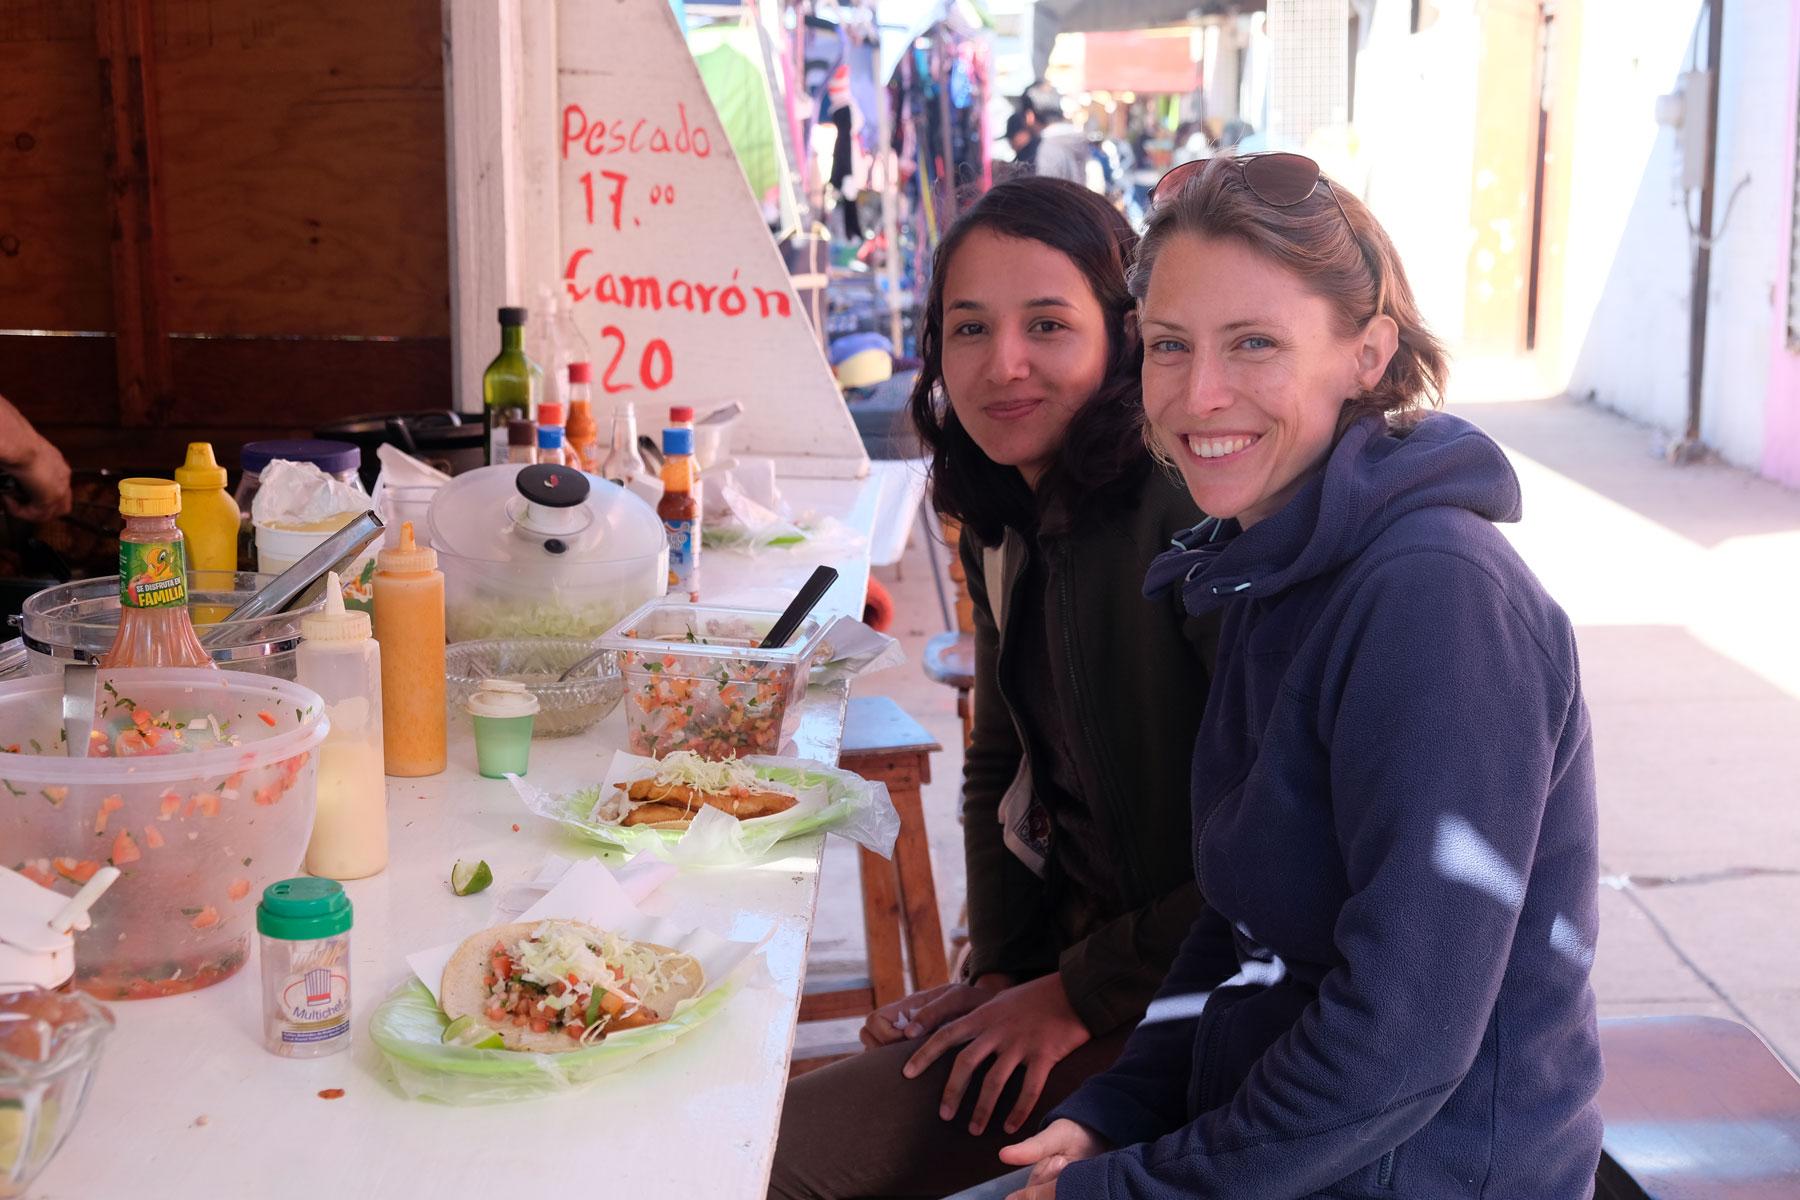 Leo und Nayeli essen Tacos in Ensenada.